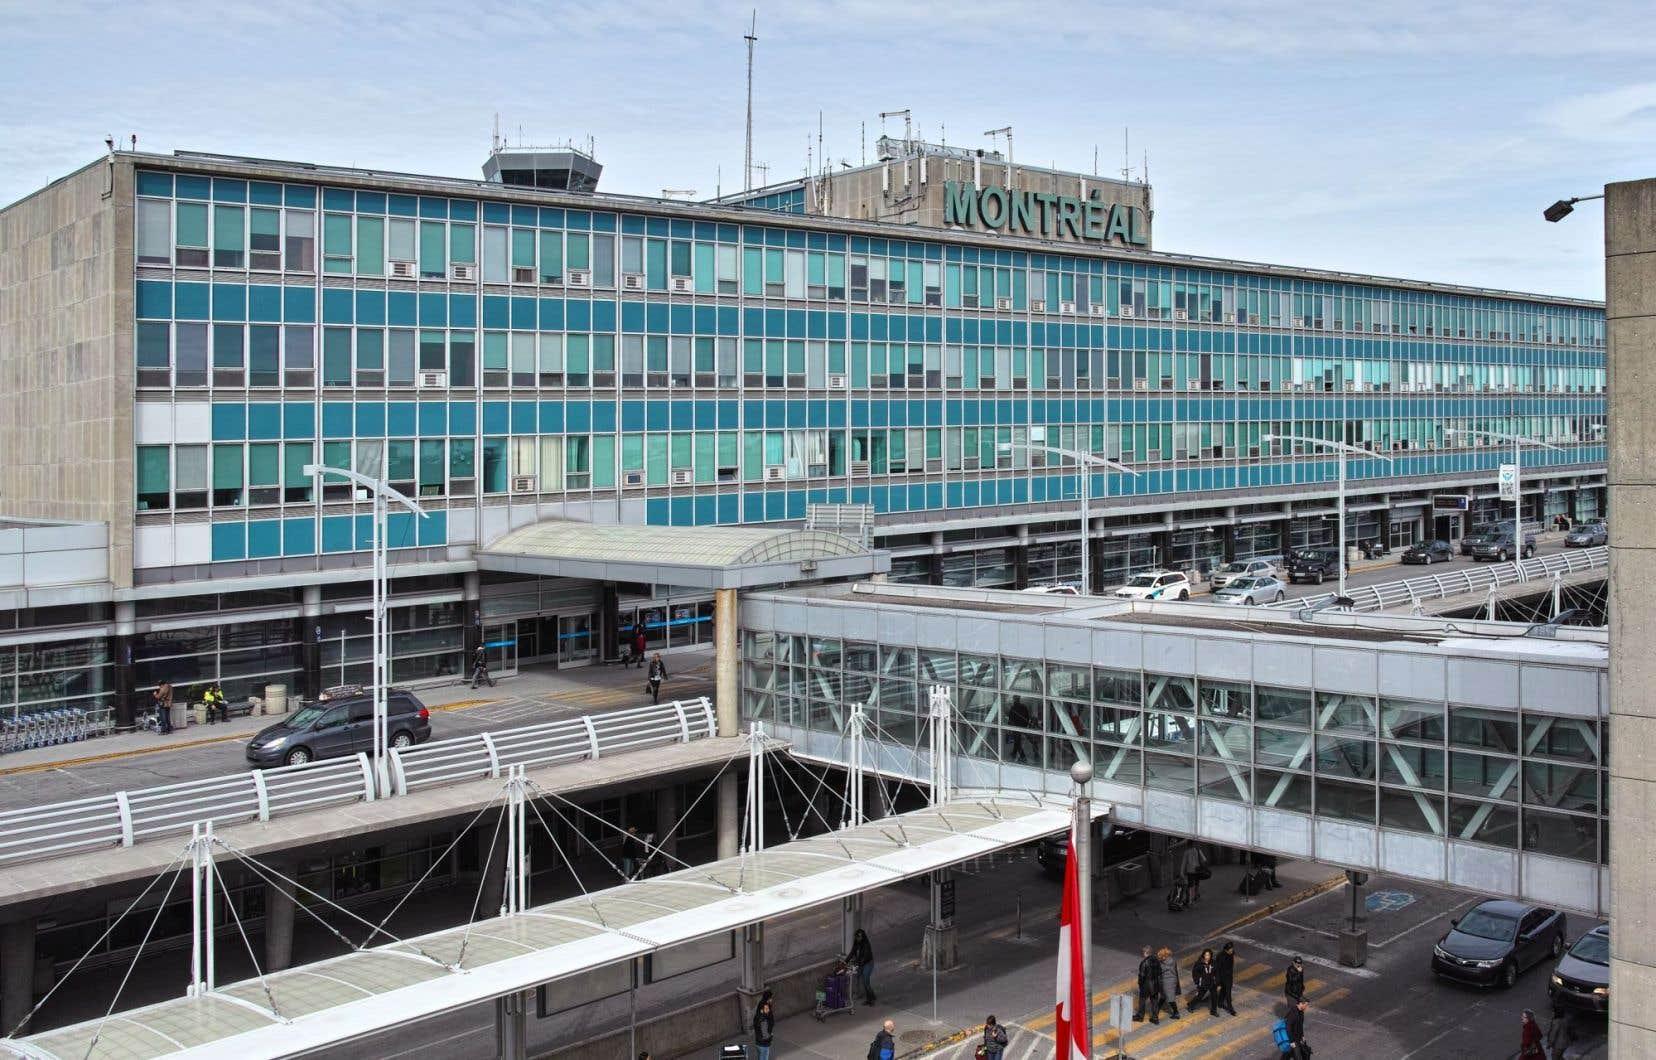 Le rapport de la GRC recommande notamment aux autorités aéroportuaires d'inspecter les livraisons et l'équipement entrant.